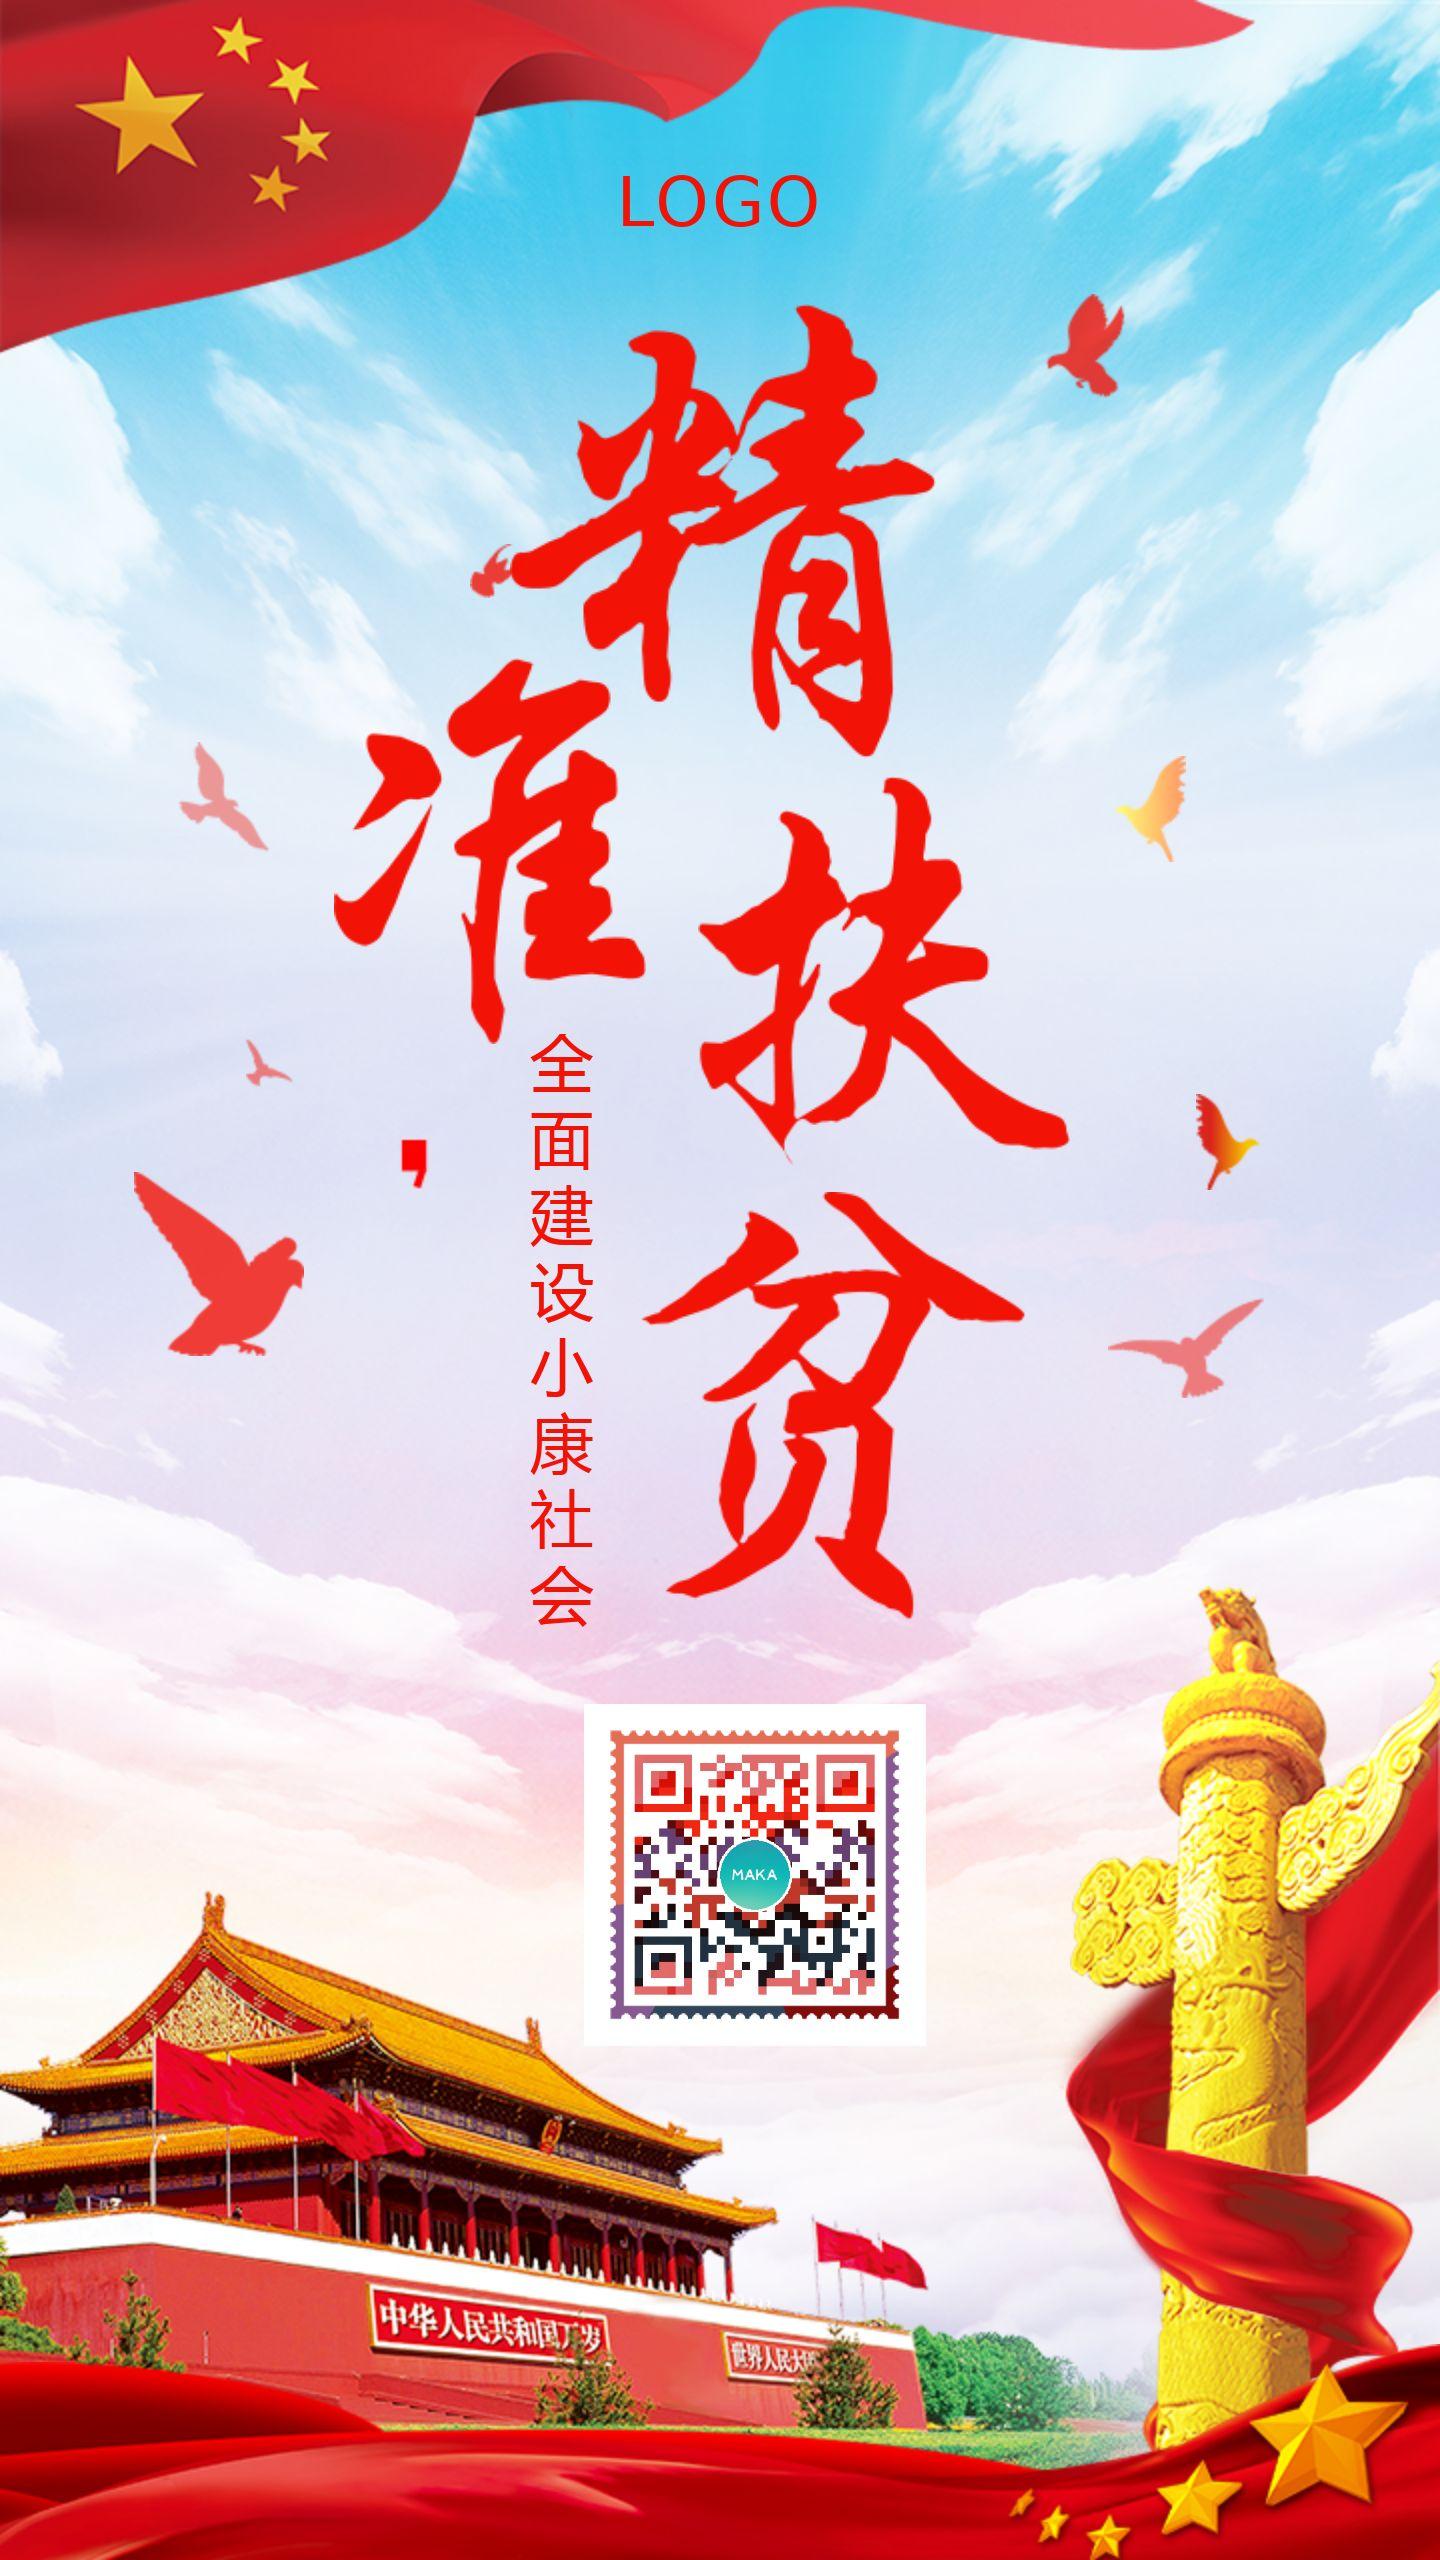 中国风精准扶贫精准脱困致富奔小康社会聚焦民生消除贫困爱心公益宣传海报